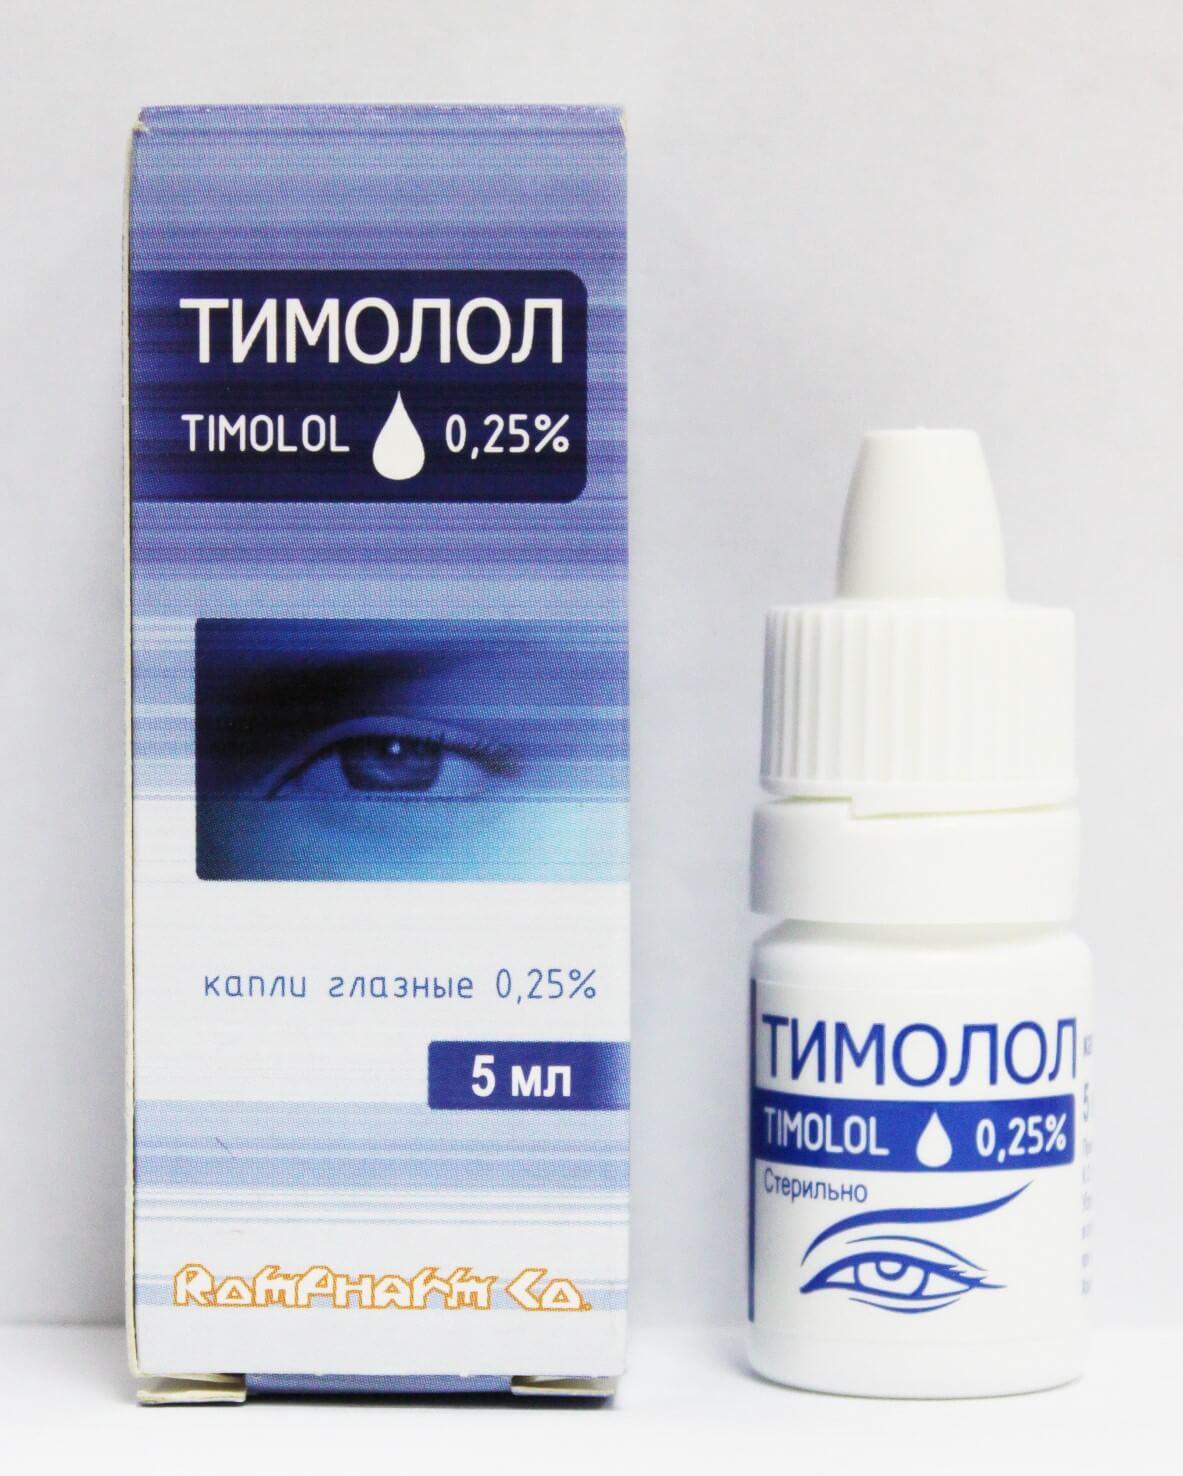 Тимолол — глазные капли против глаукомы, инструкция, аналоги, цена